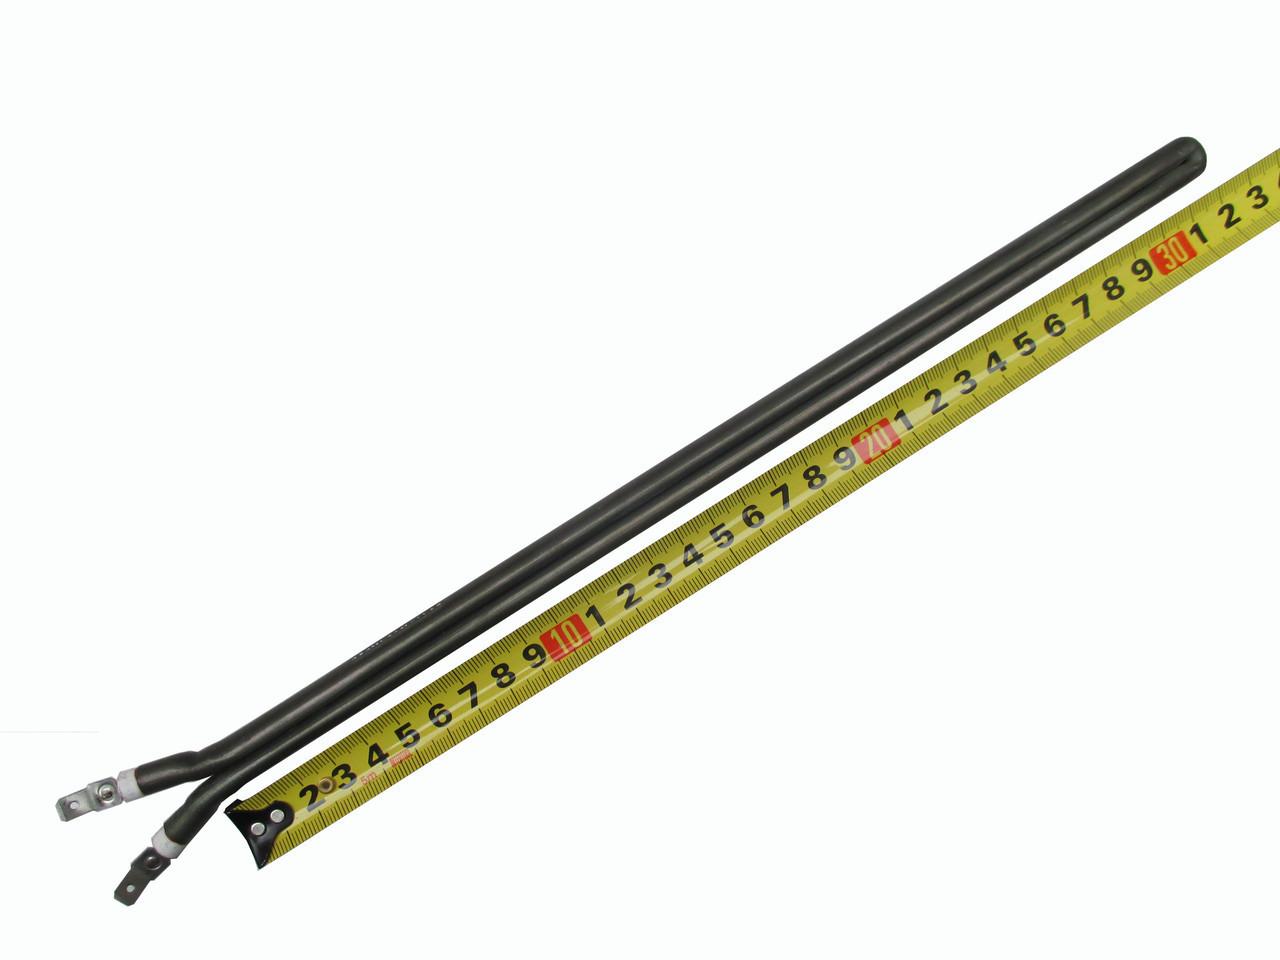 Cухой тэн для бойлера 1200 Вт (Горение, Электролюкс, Фагор, Тесси)